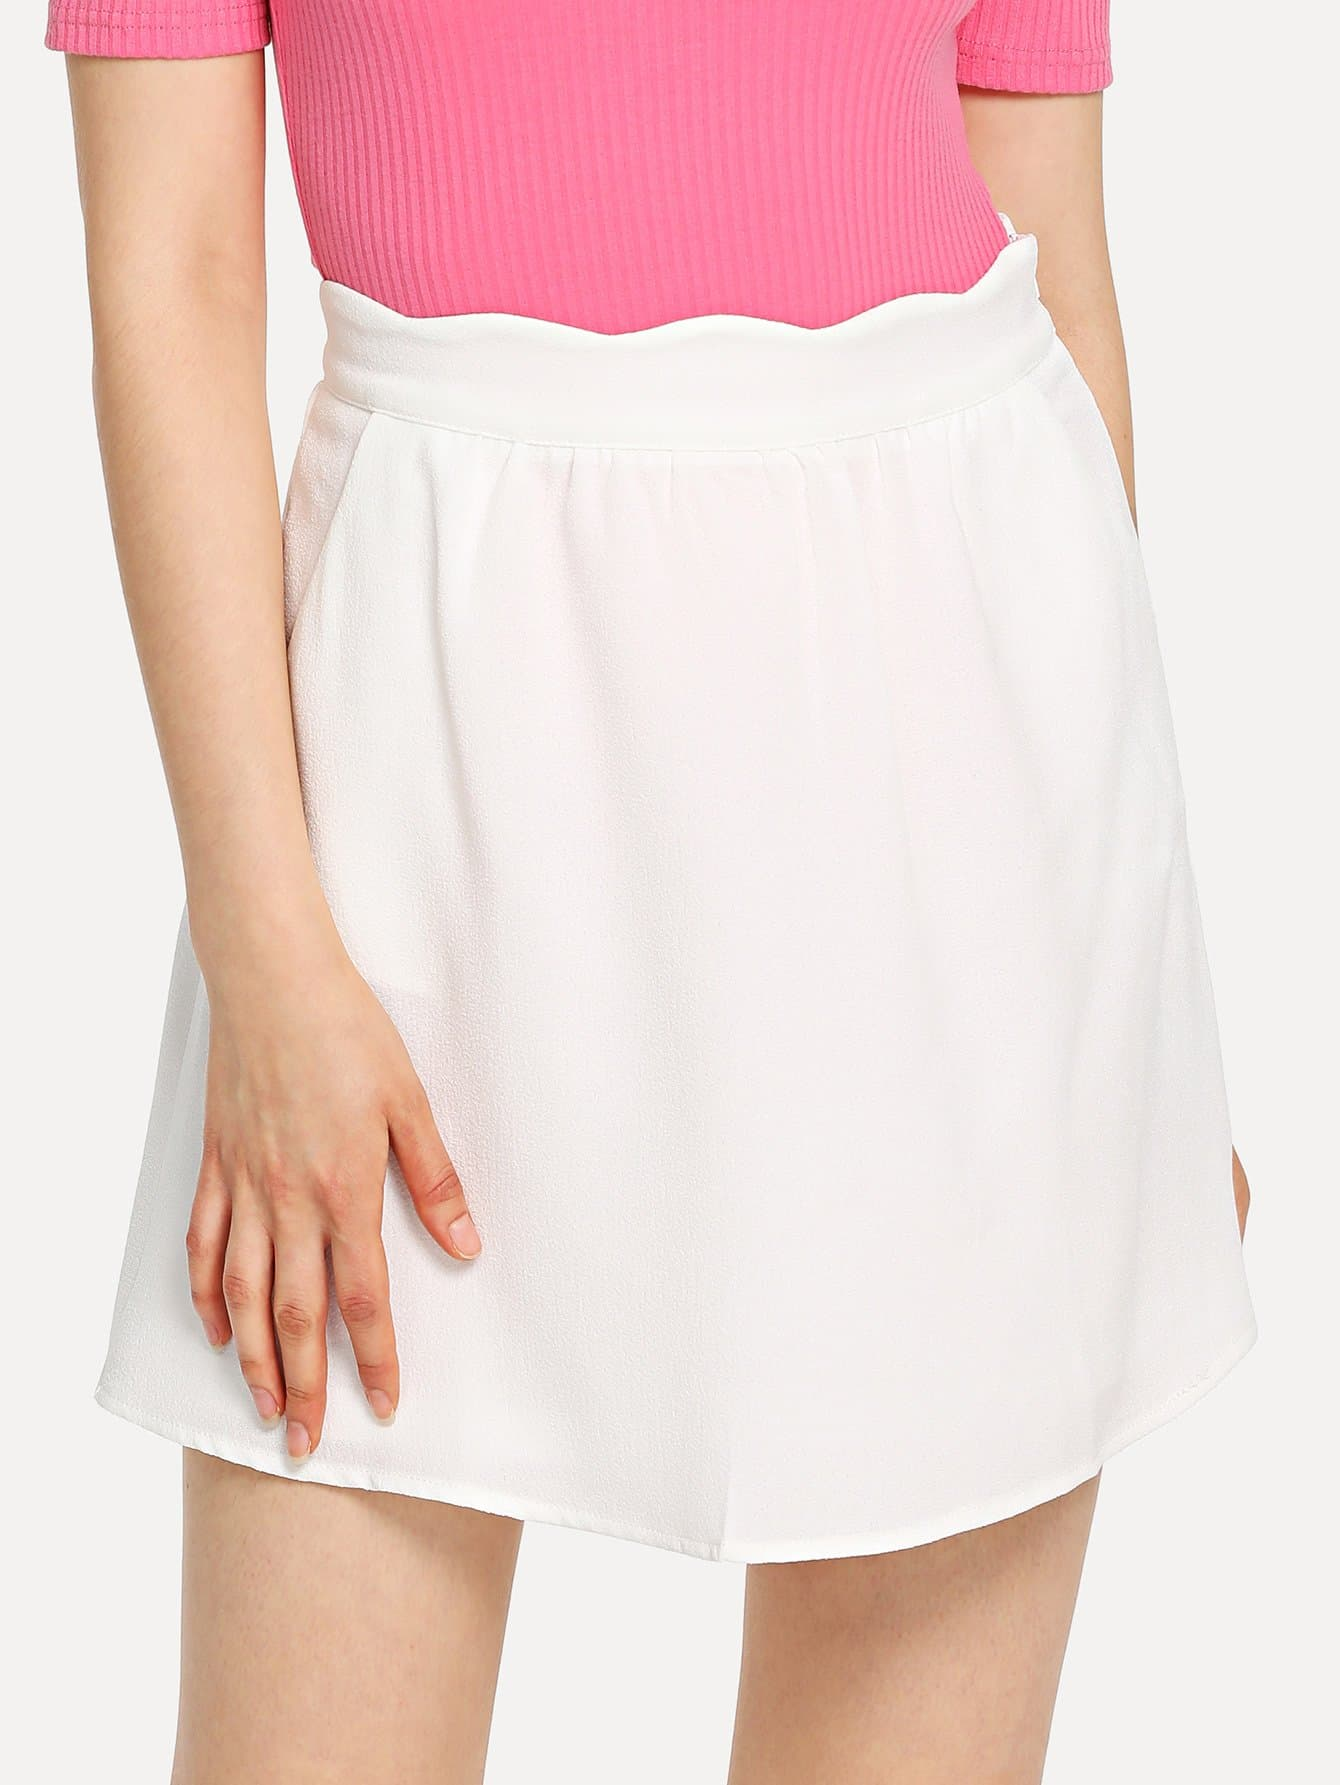 Scallop Waist Band Skirt блузки a karina блузка